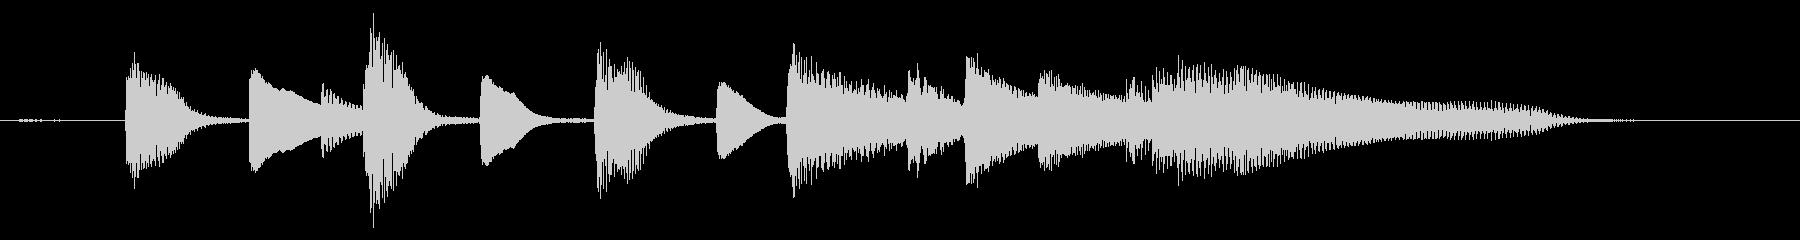 【ジングル】軽快でかわいらしいピアノソロの未再生の波形